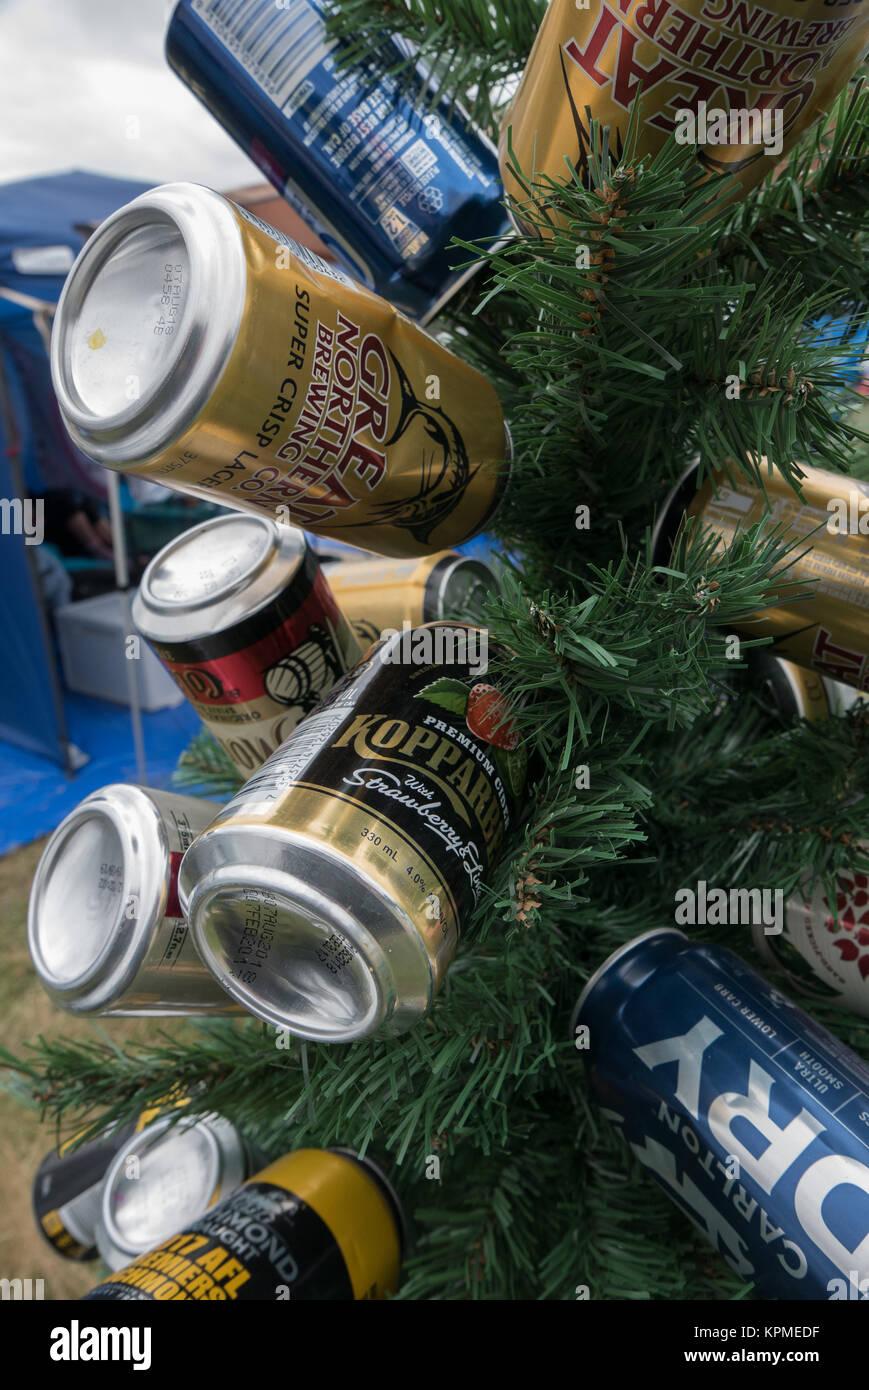 Bier Weihnachtsbaum.Kleine Grüne Künstlicher Weihnachtsbaum Dekoriert Mit Leeren Blau